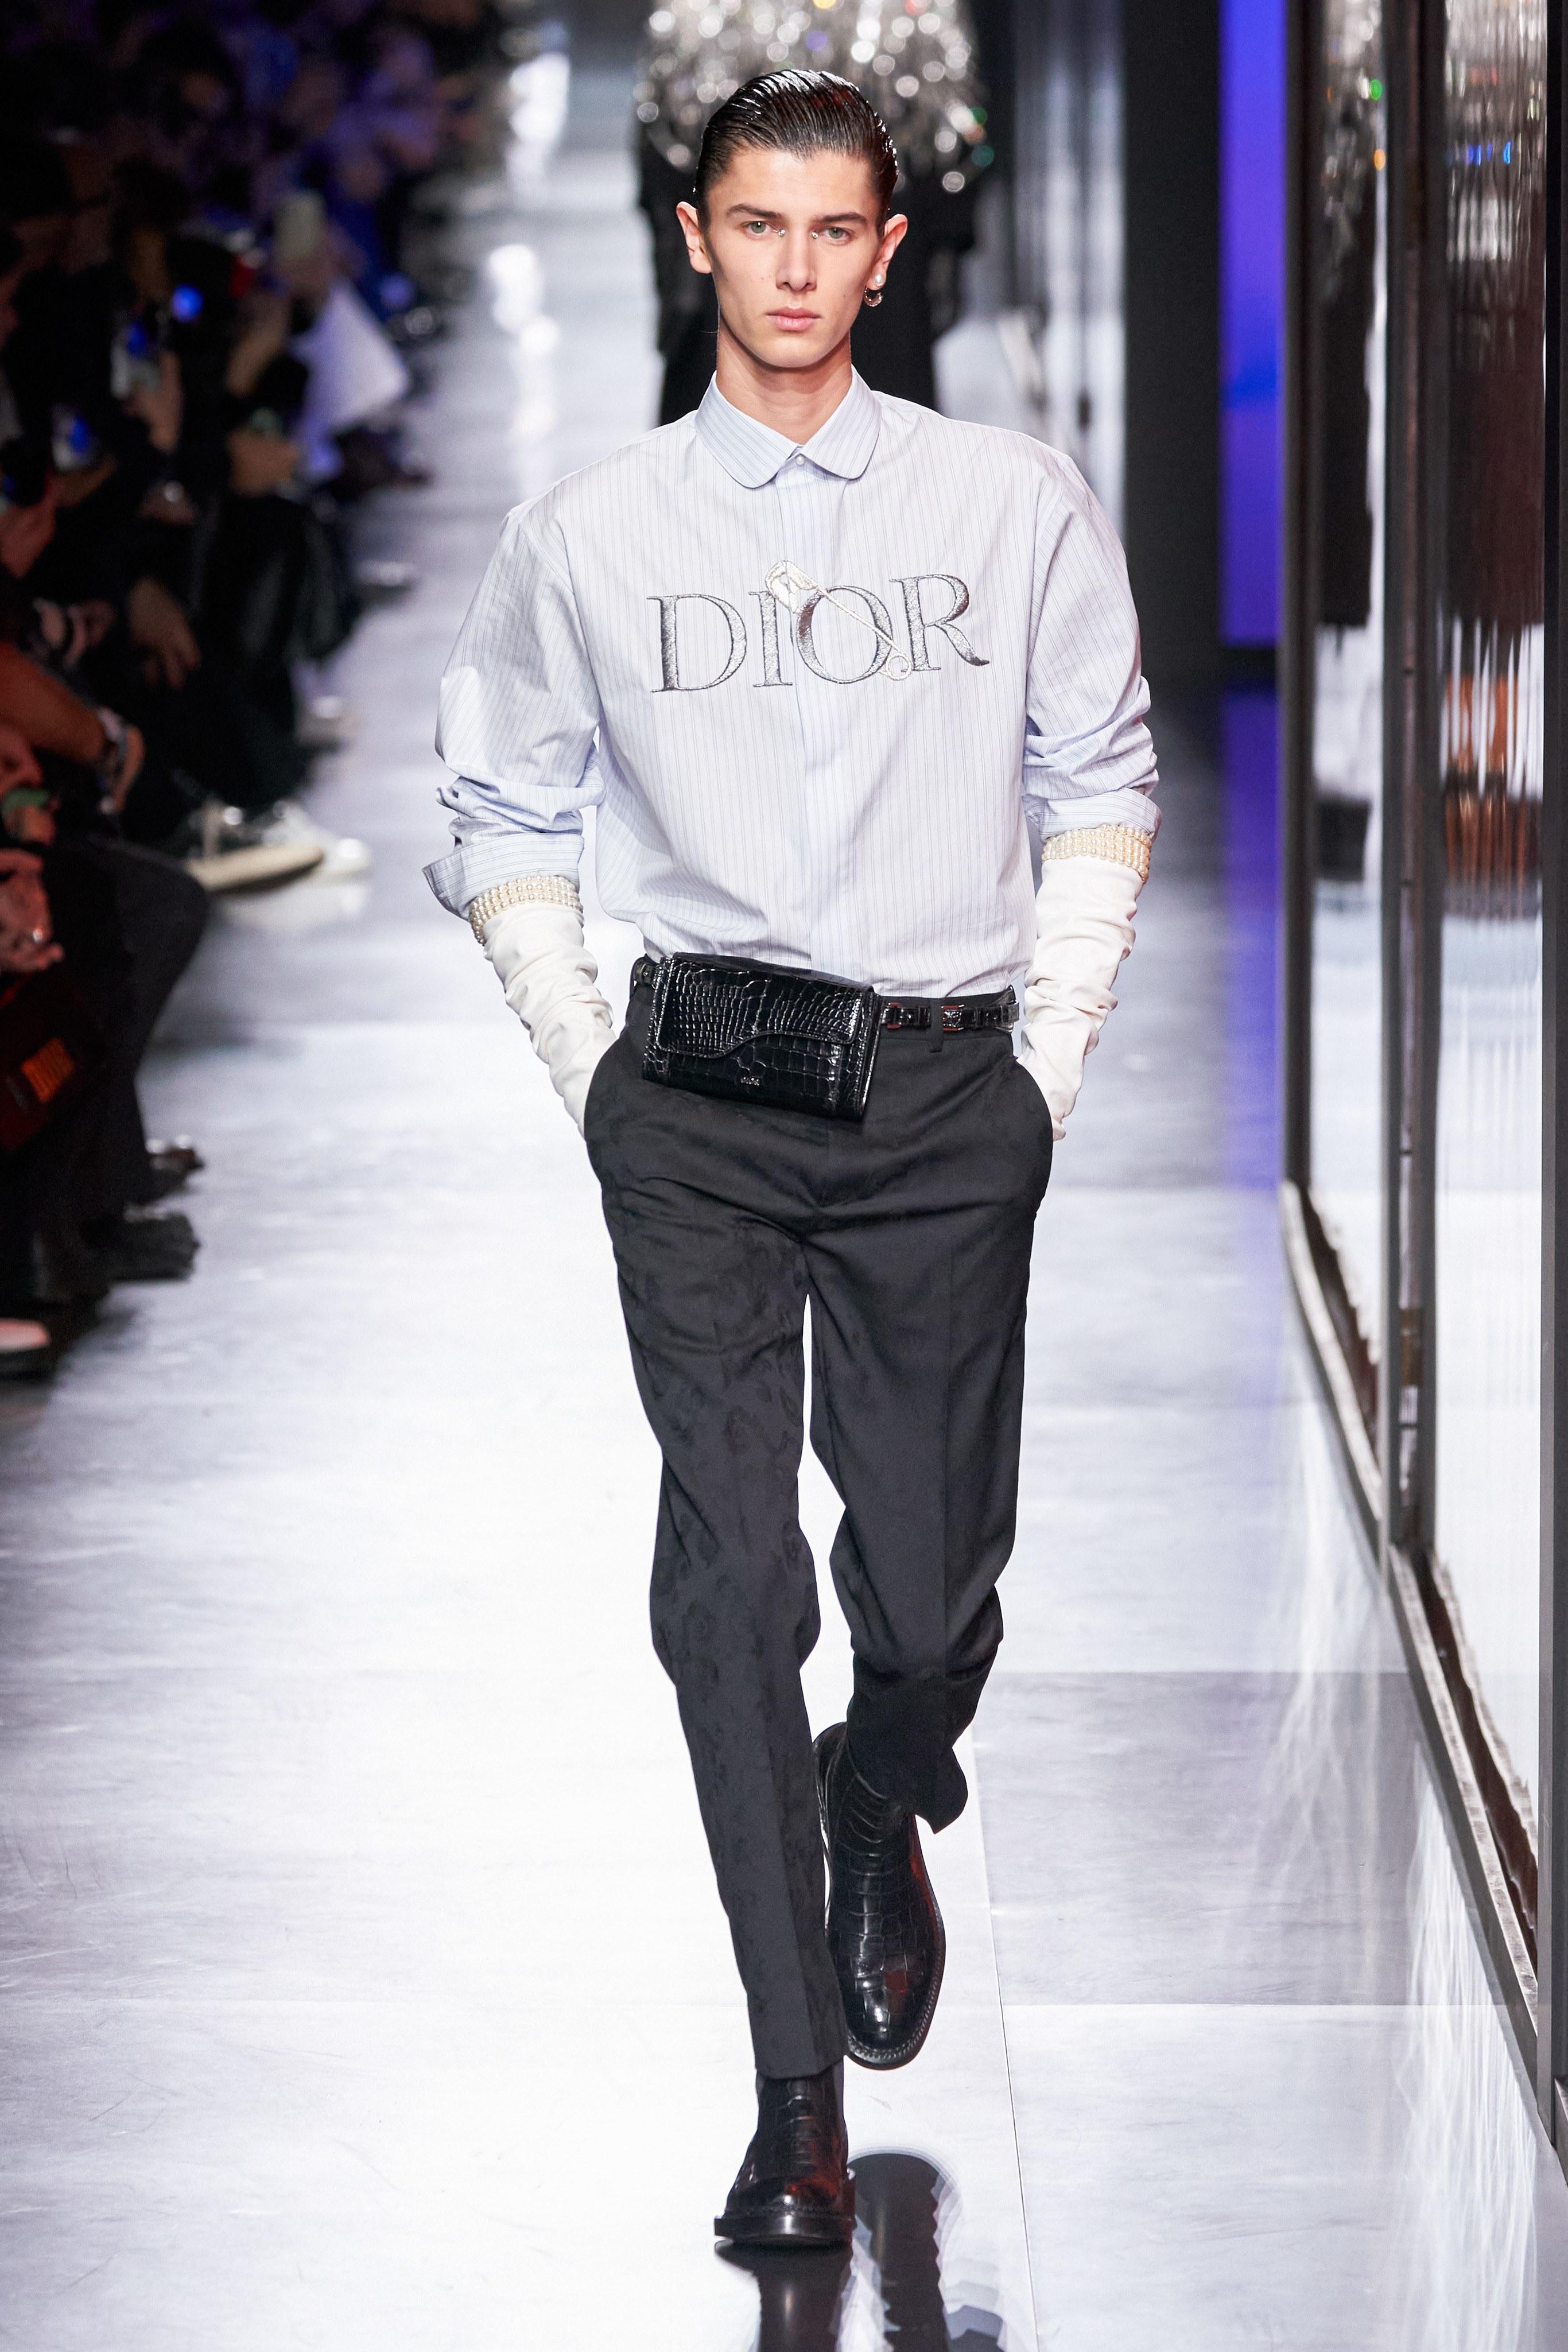 Áo khoác hoa, găng tay dài - Dior nâng thời trang nam lên tầm cao mới Ảnh 24